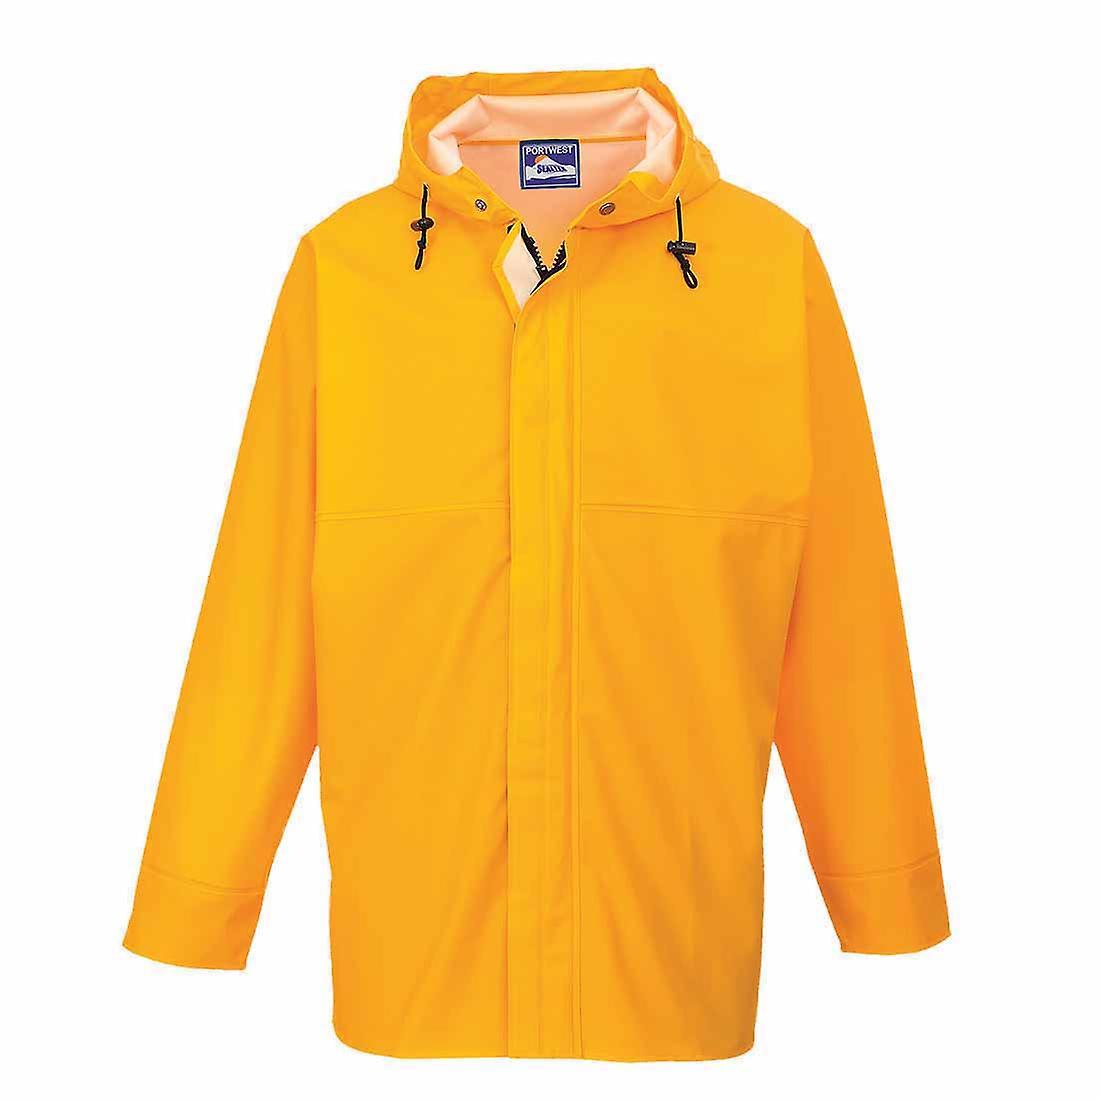 Portwest - Sealtex Ocean Rugged Waterproof Workwear Jacket With Hood